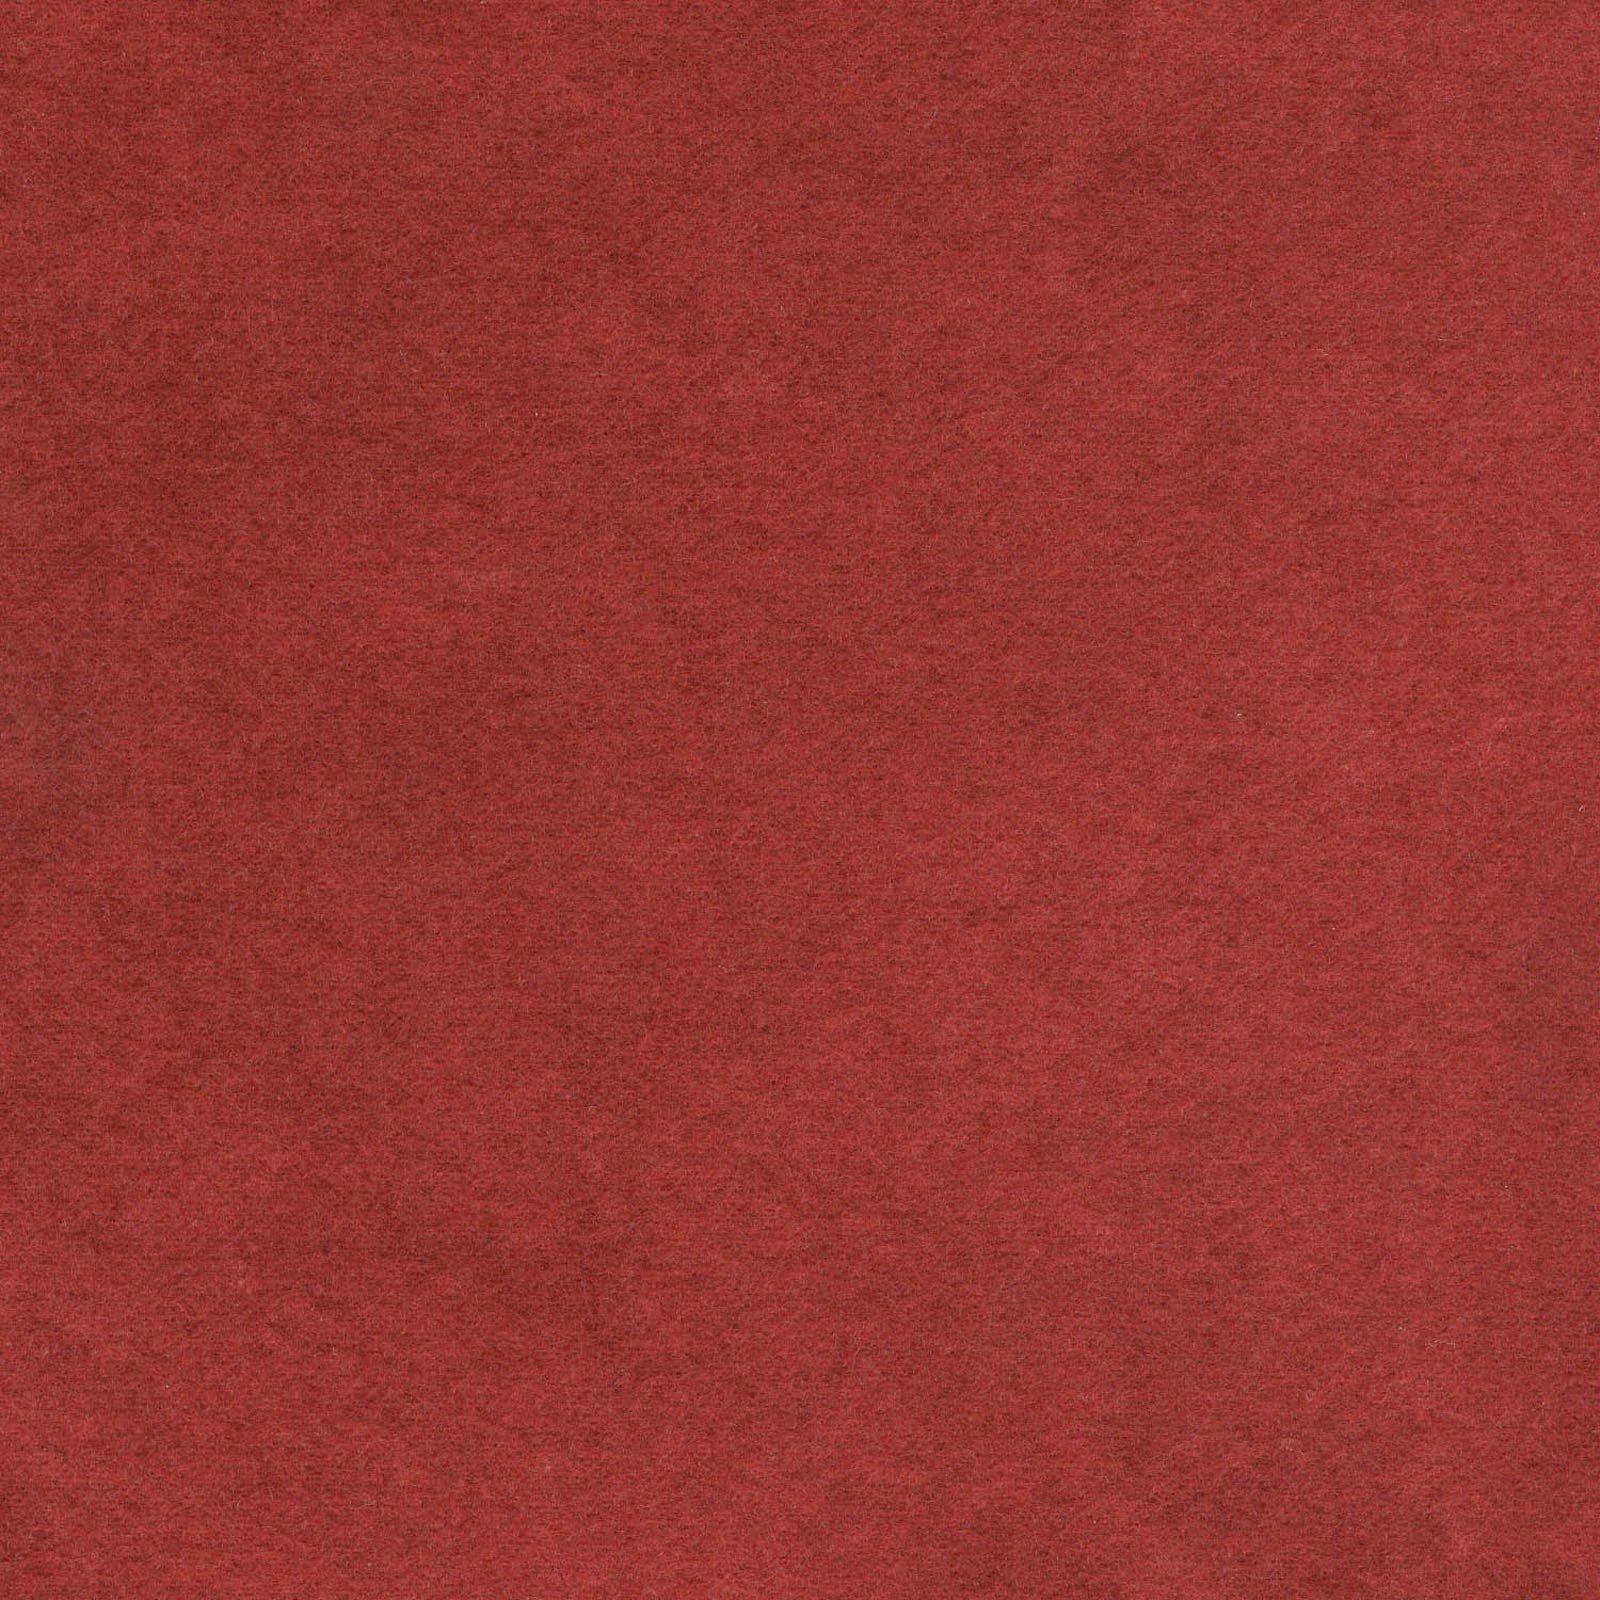 Shadow Play Flannel - MASF513-R39